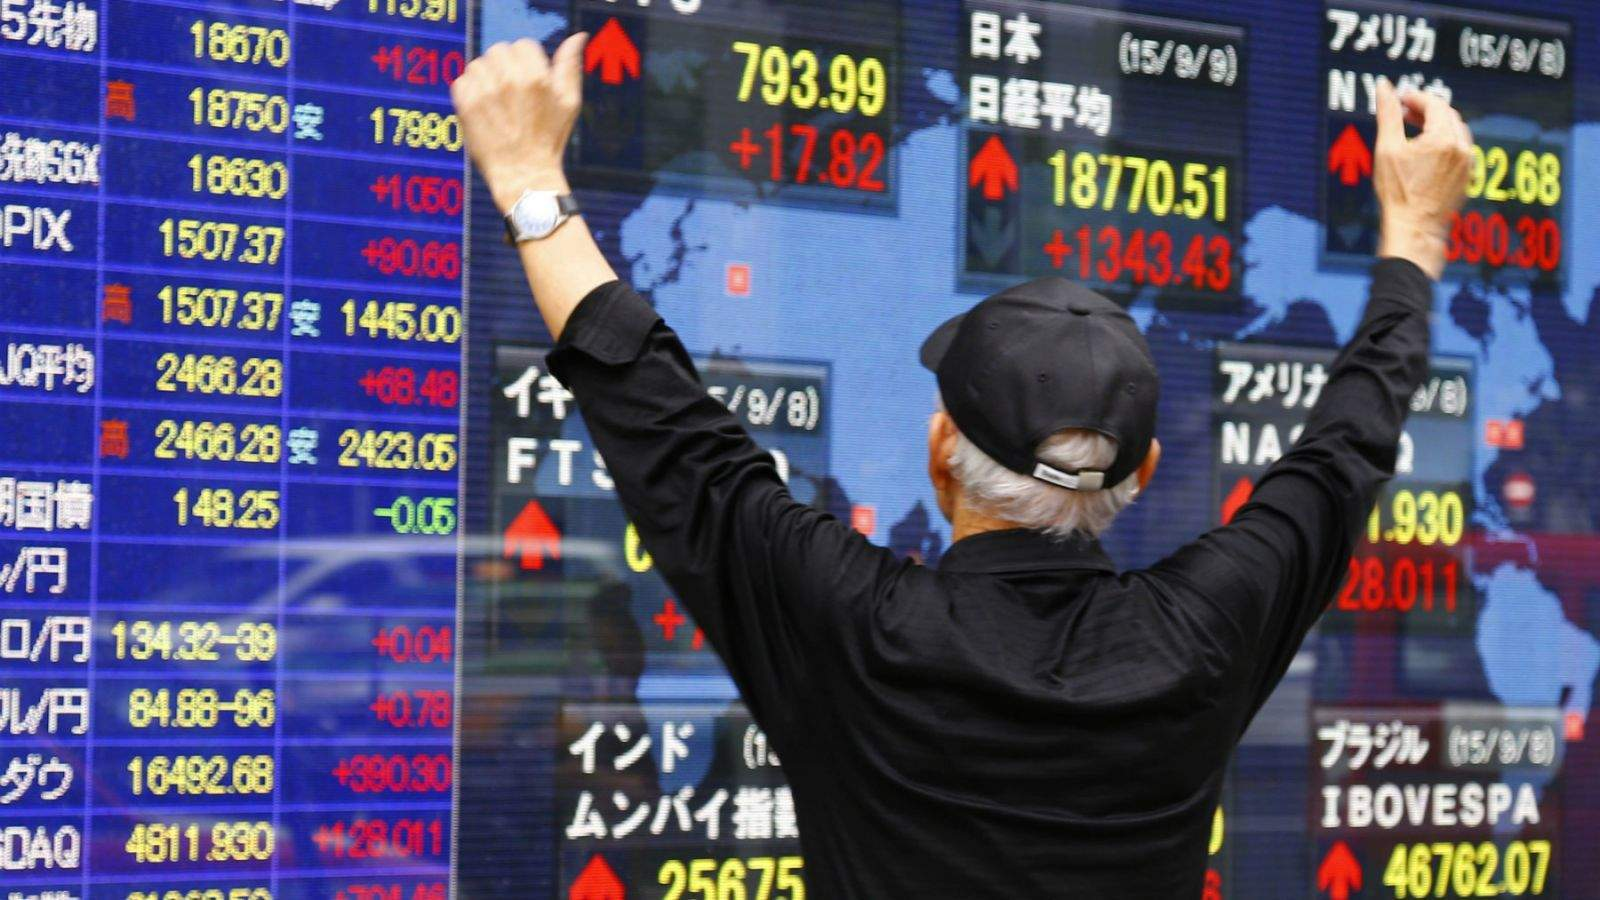 Bolsa de Futuros nos EUA vai negociar bitcoin a partir de domingo